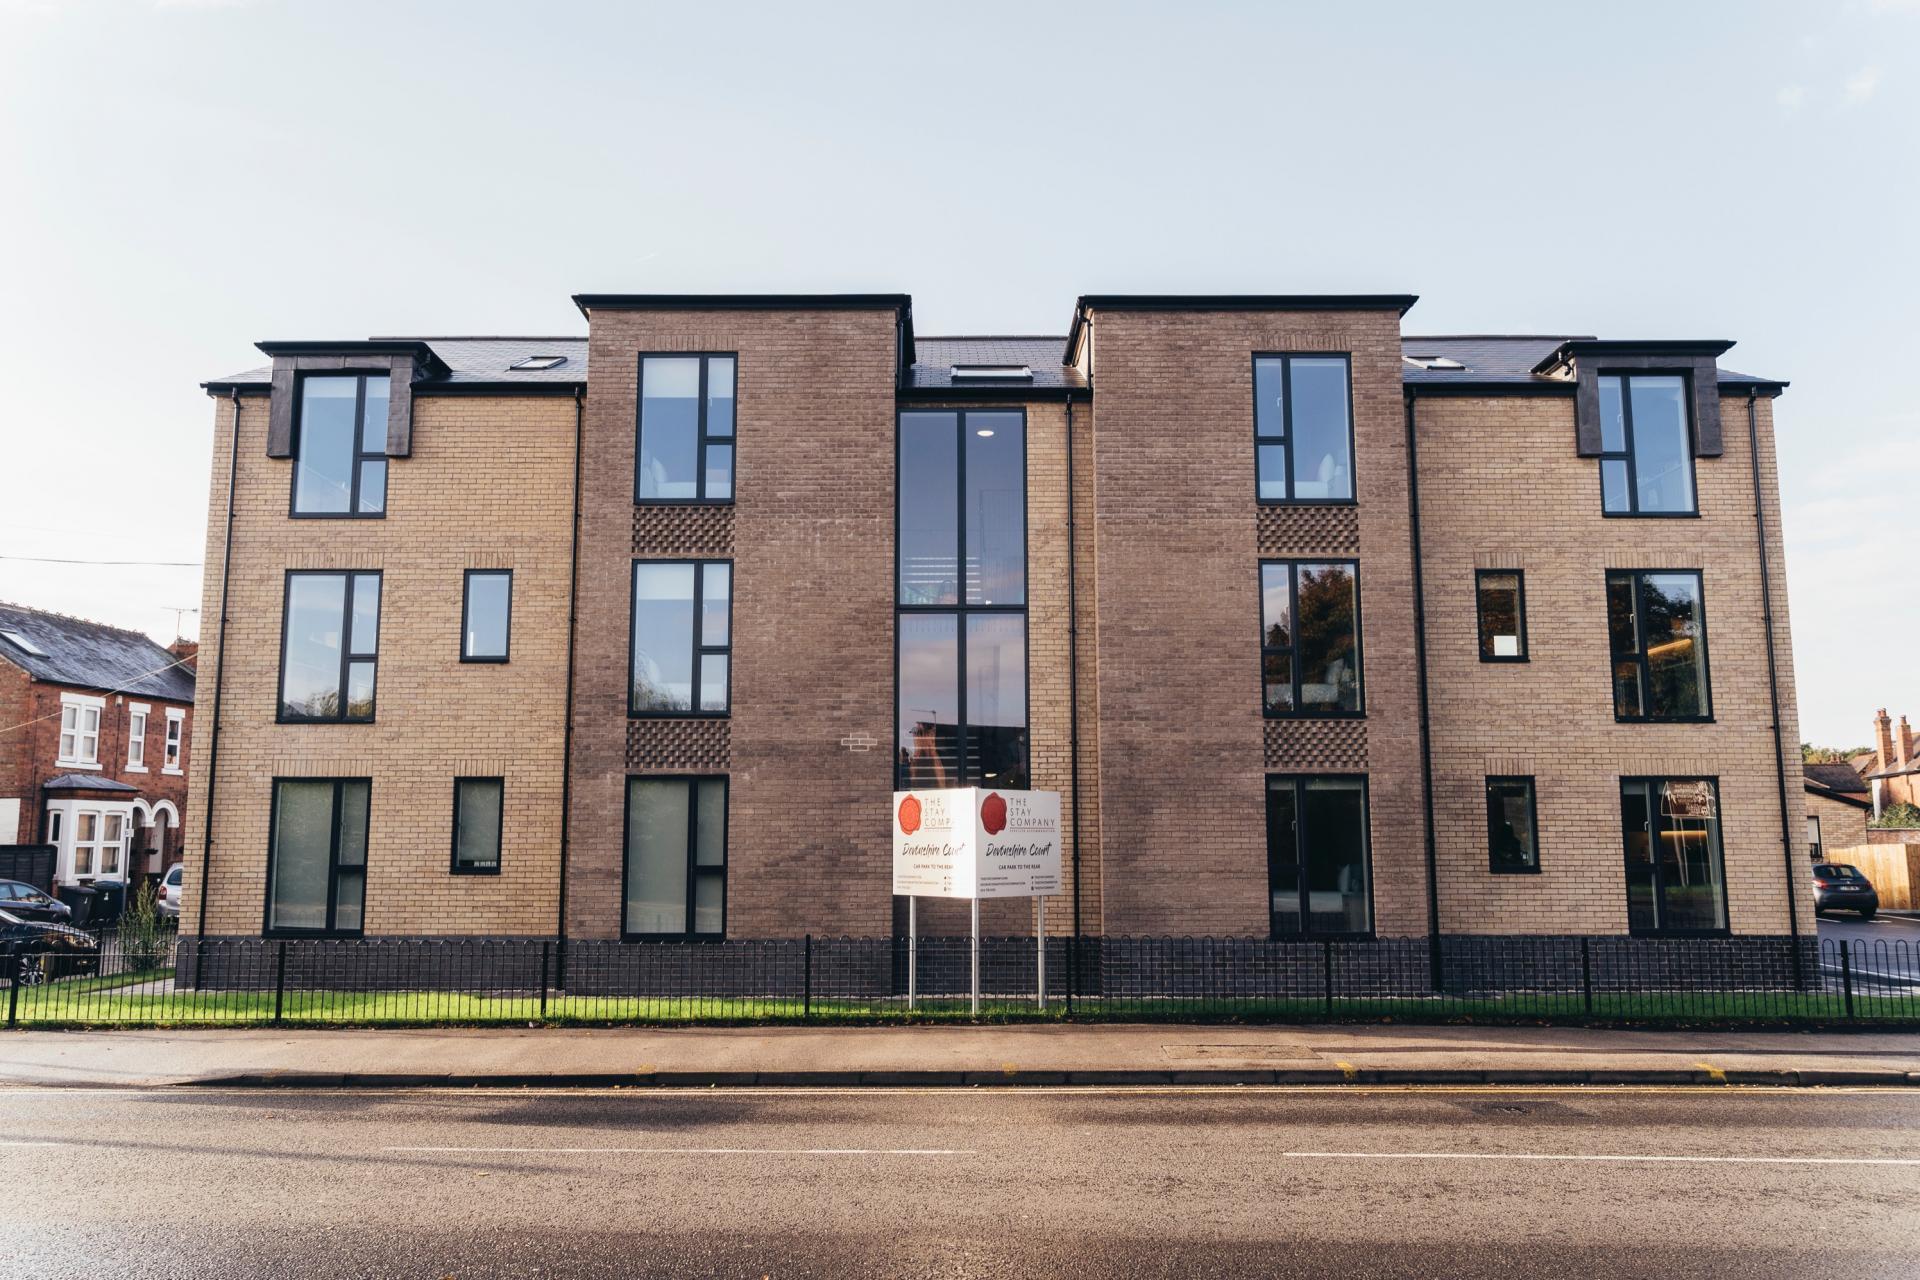 Exterior of Devonshire Court Apartments, West Bridgford, Nottingham